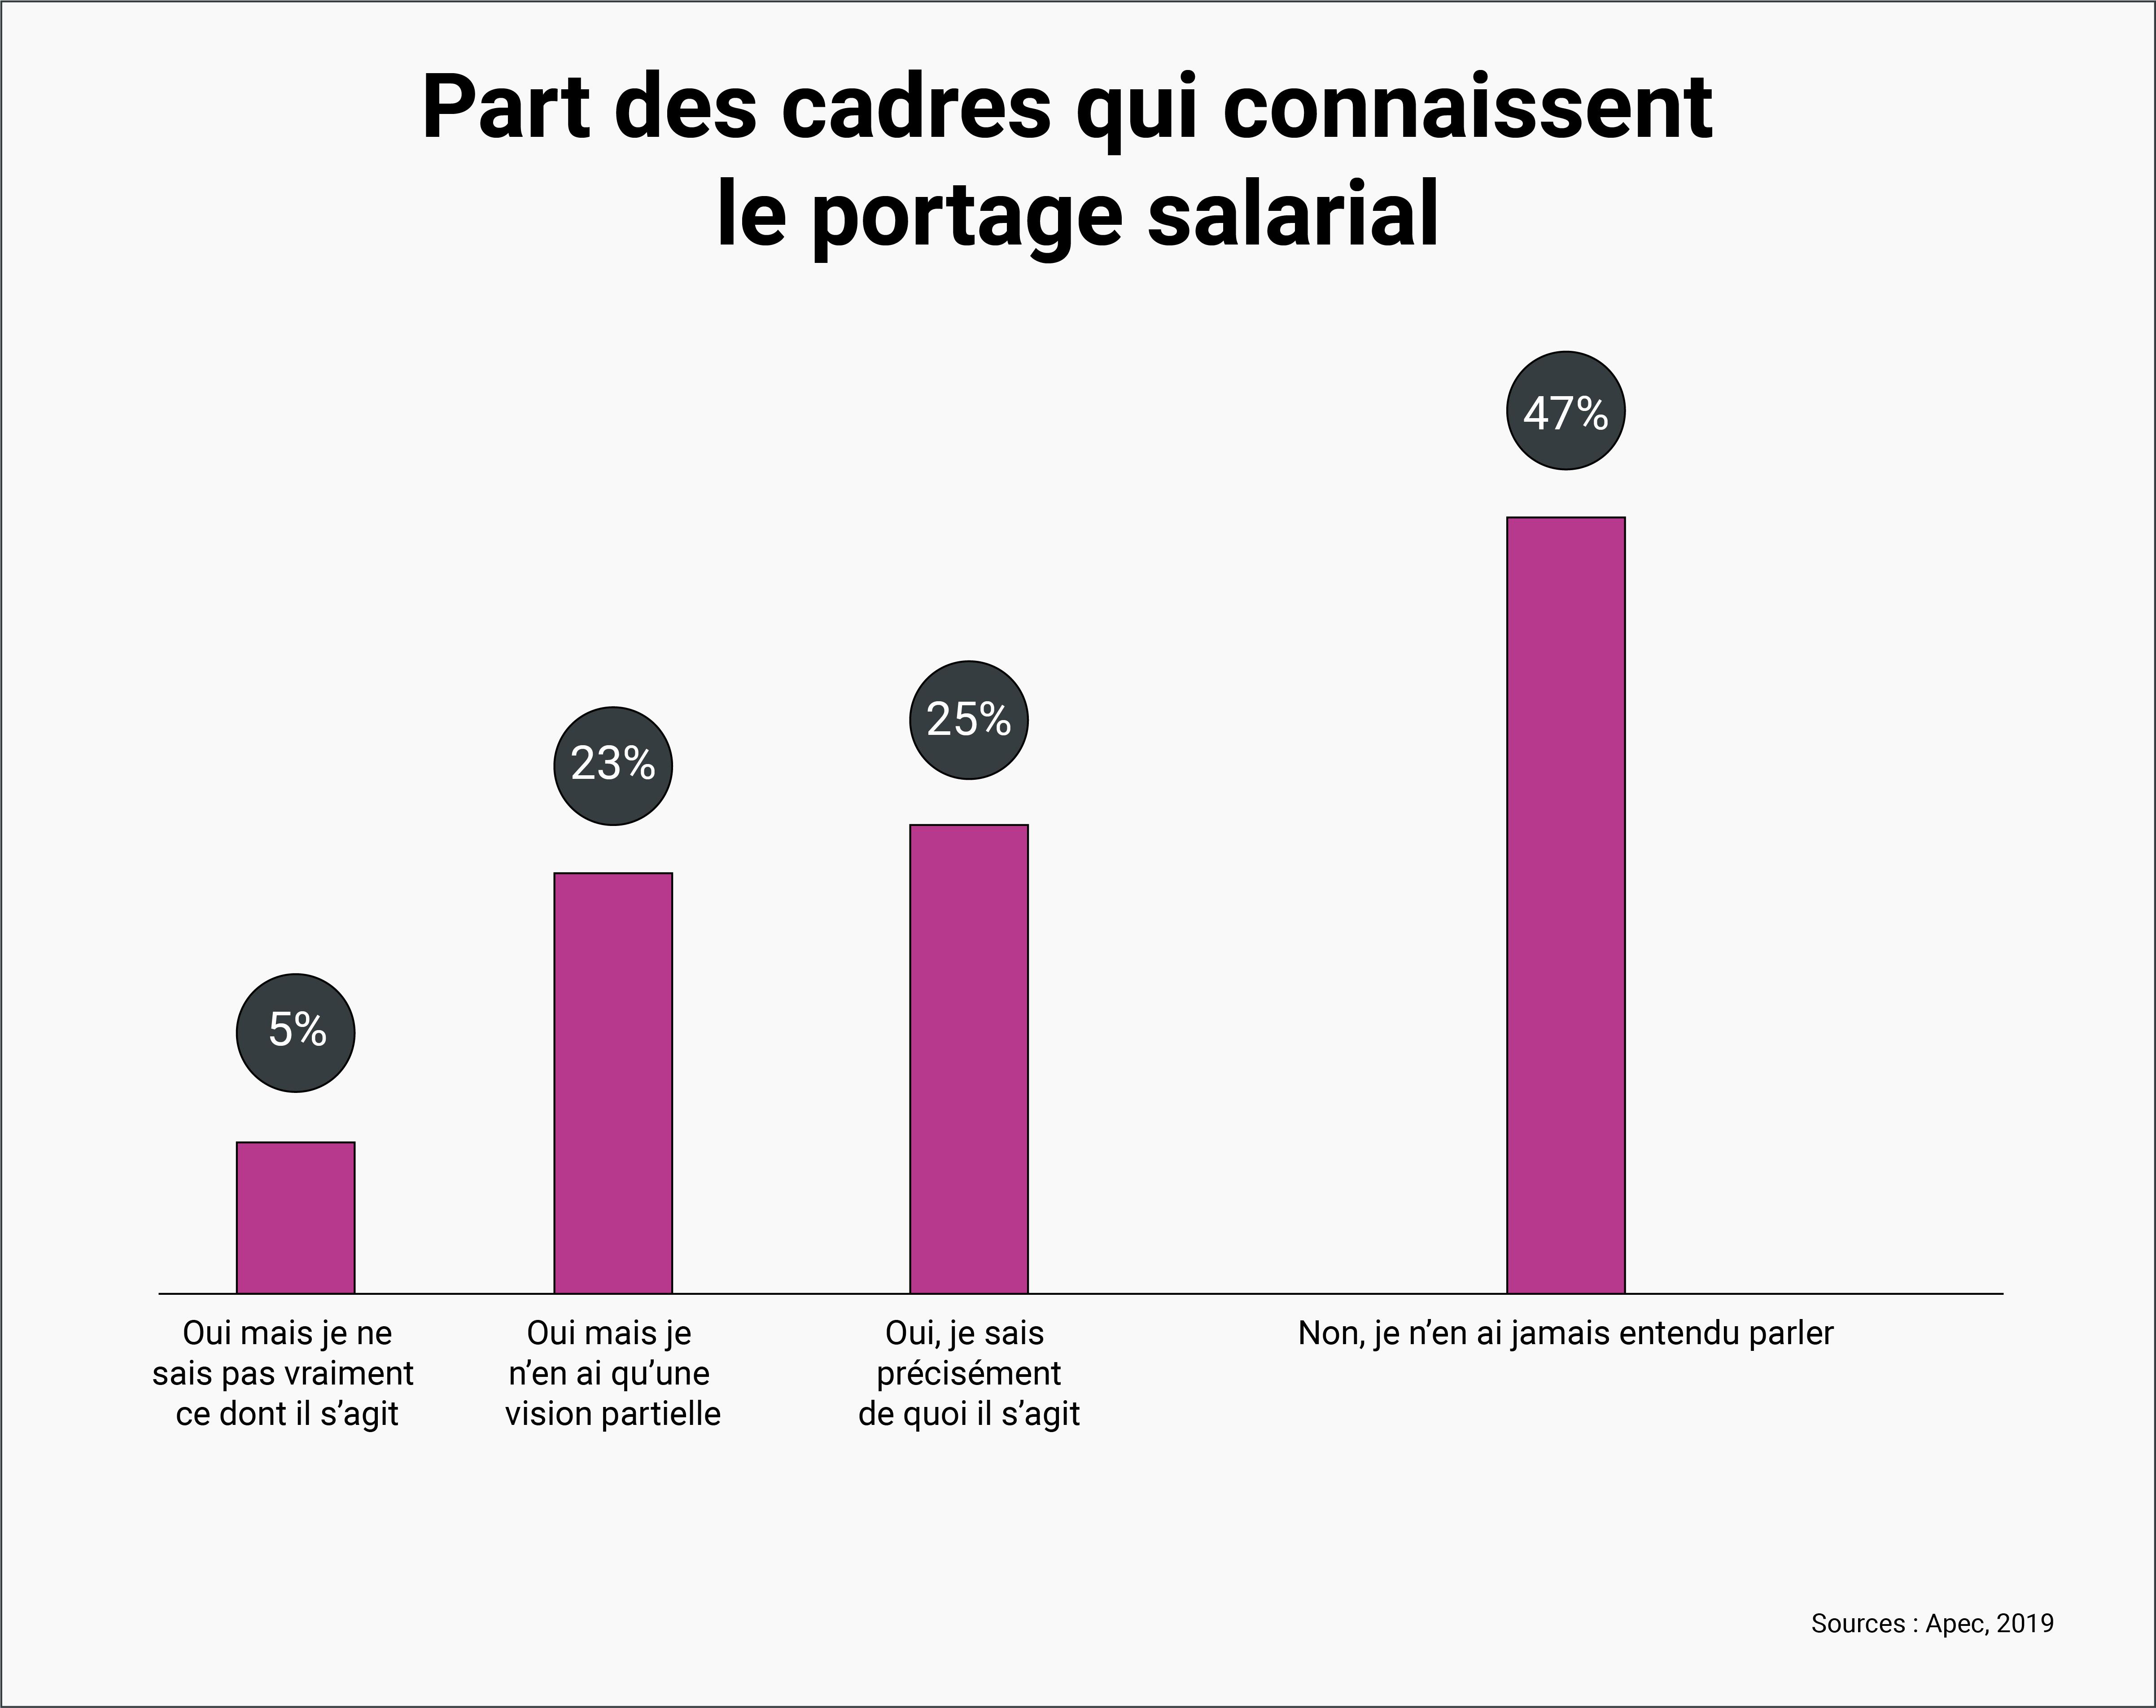 PART DES CADRES QUI CONNAISSENT LE PORTAGE SALARIAL